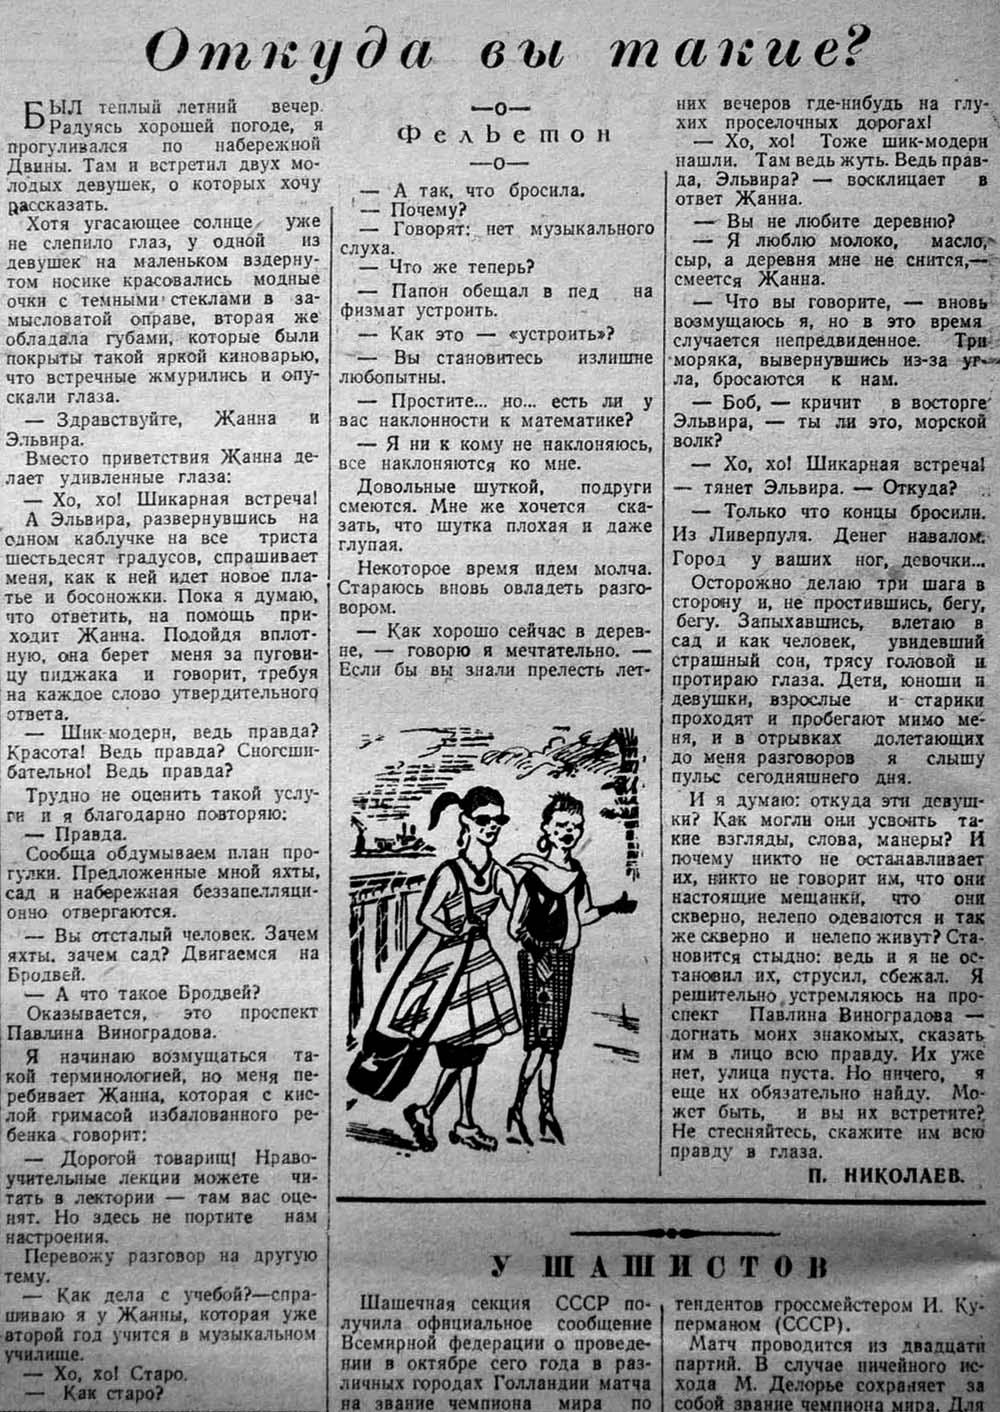 Сев комс 7 сент 1958 1000